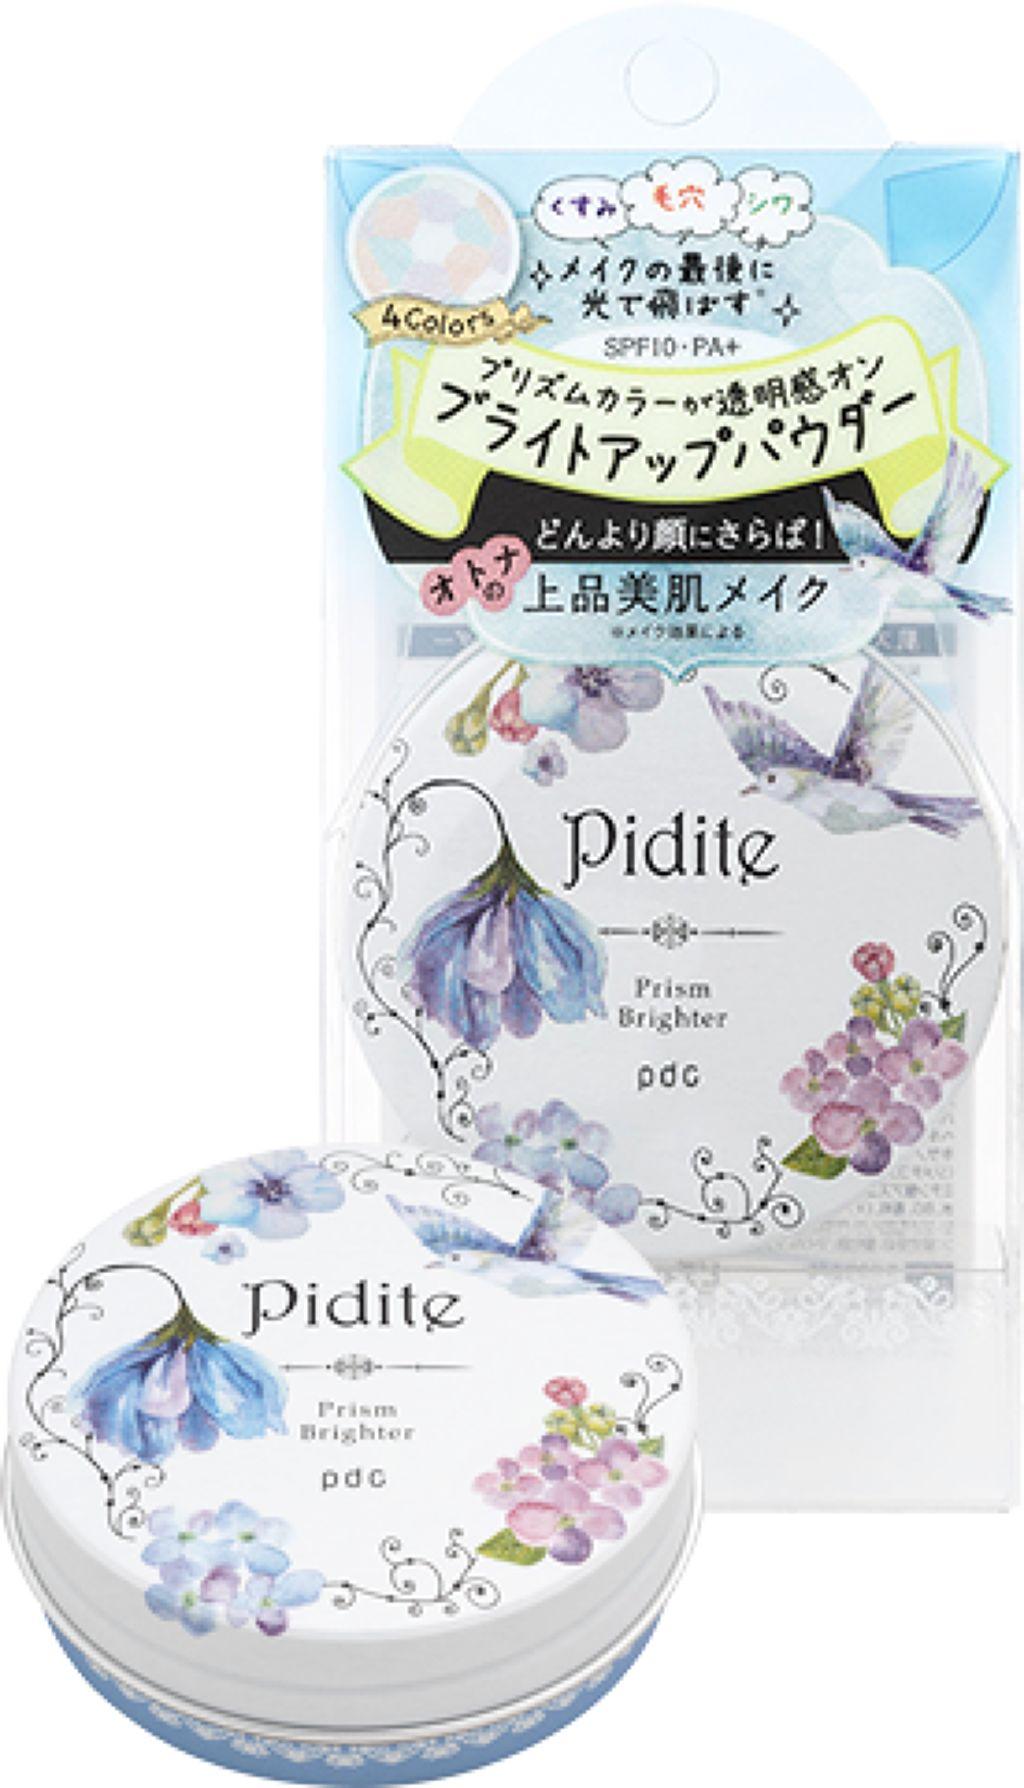 「Pidite プリズムブライダーピュアカラー」の画像検索結果